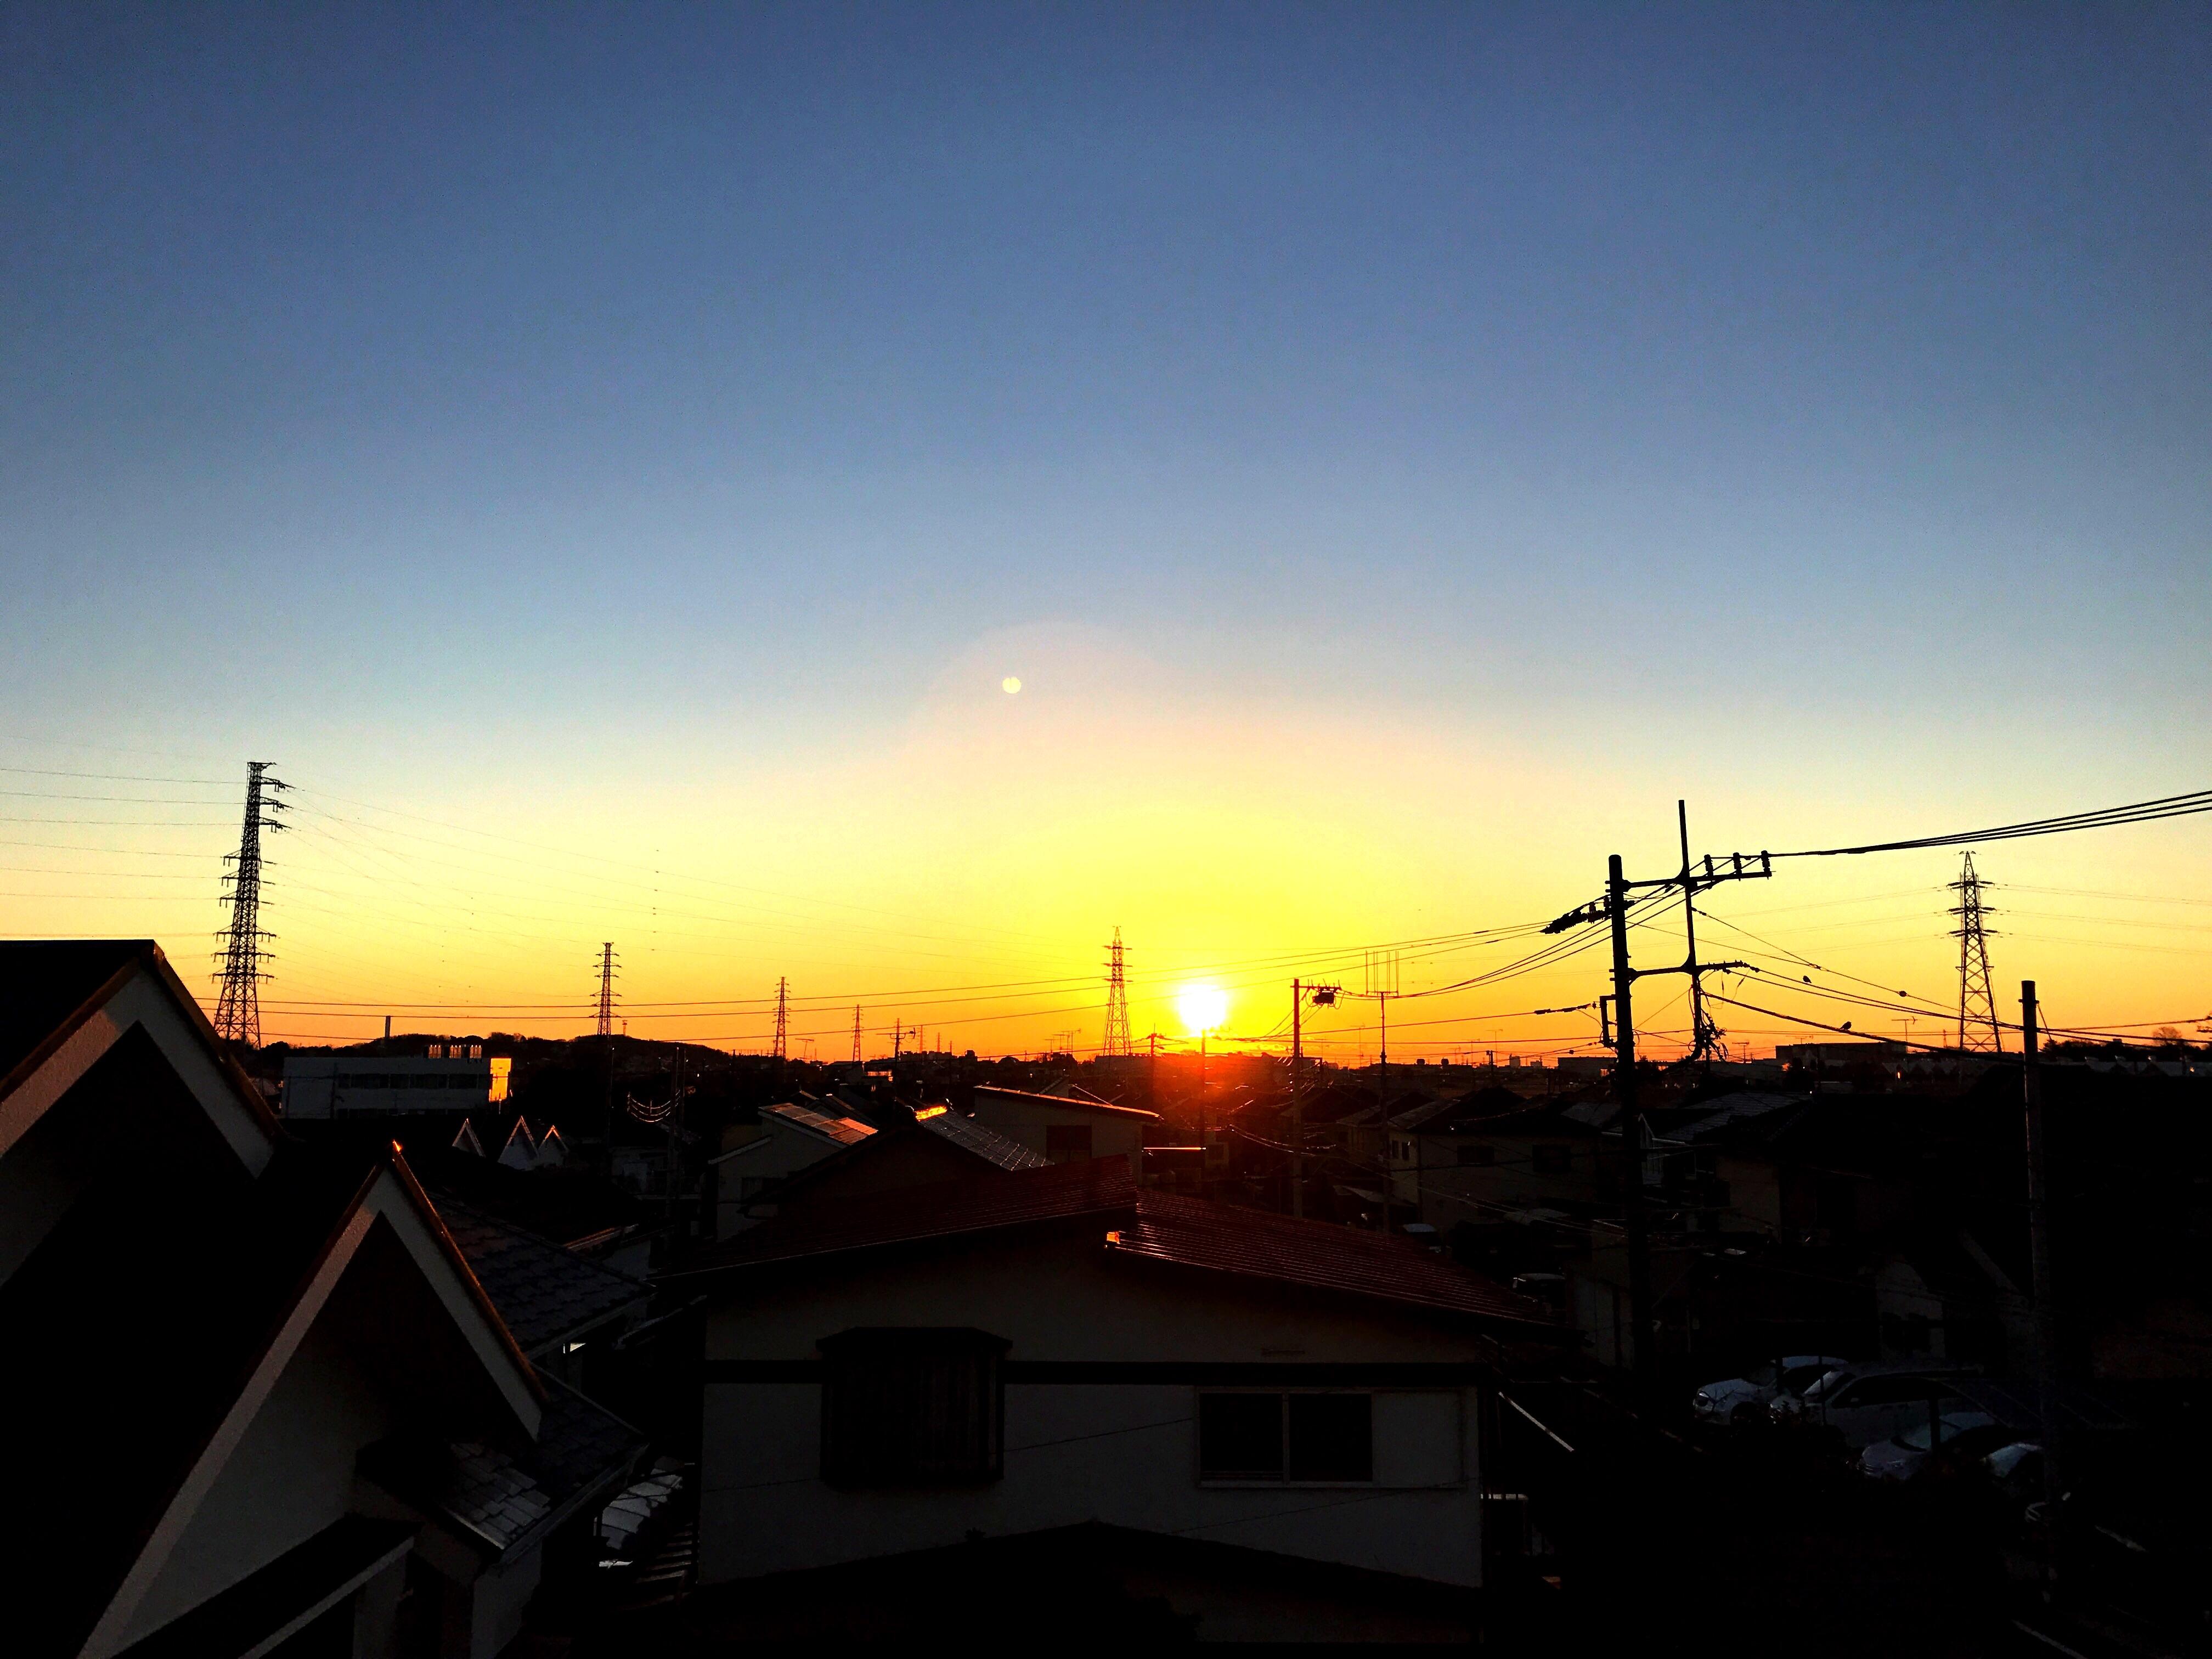 f:id:nyaoyamano:20170101215500j:image